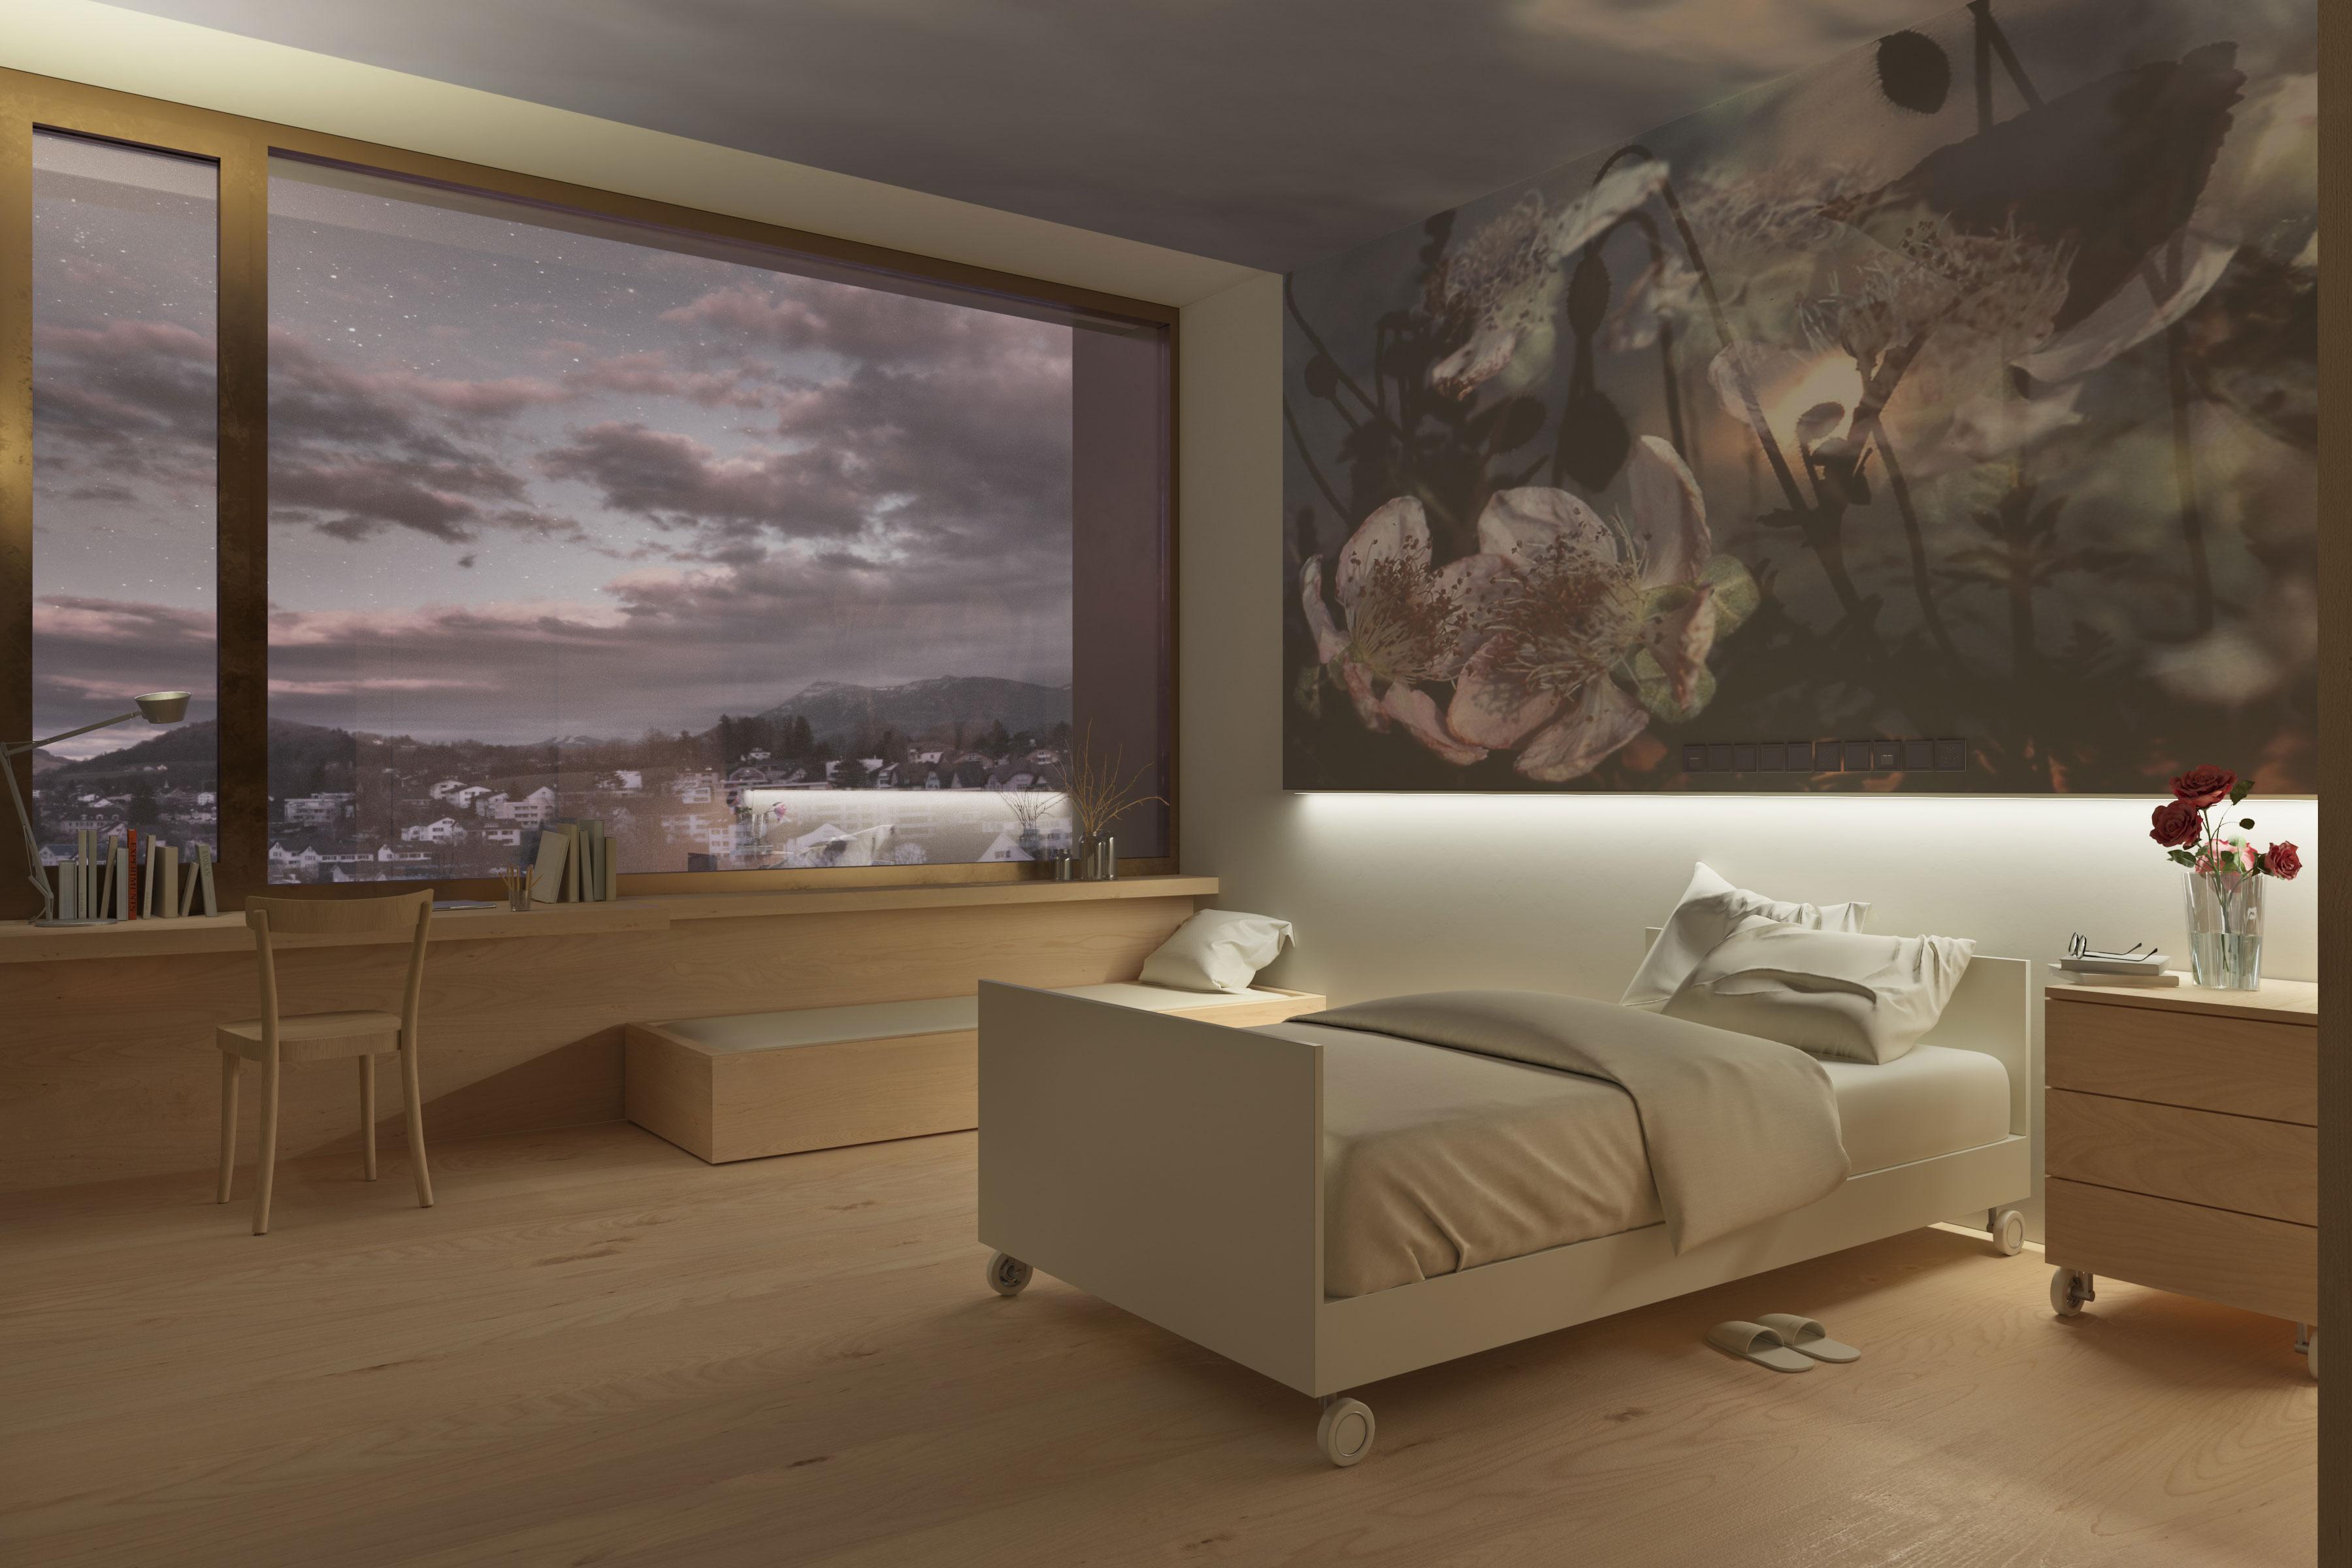 Neubau Kinderspital und Frauenklinik Kantonsspital Luzern | Wettbewerb Marques Architekten 2020 | Visualisierung Dario Lanfranconi